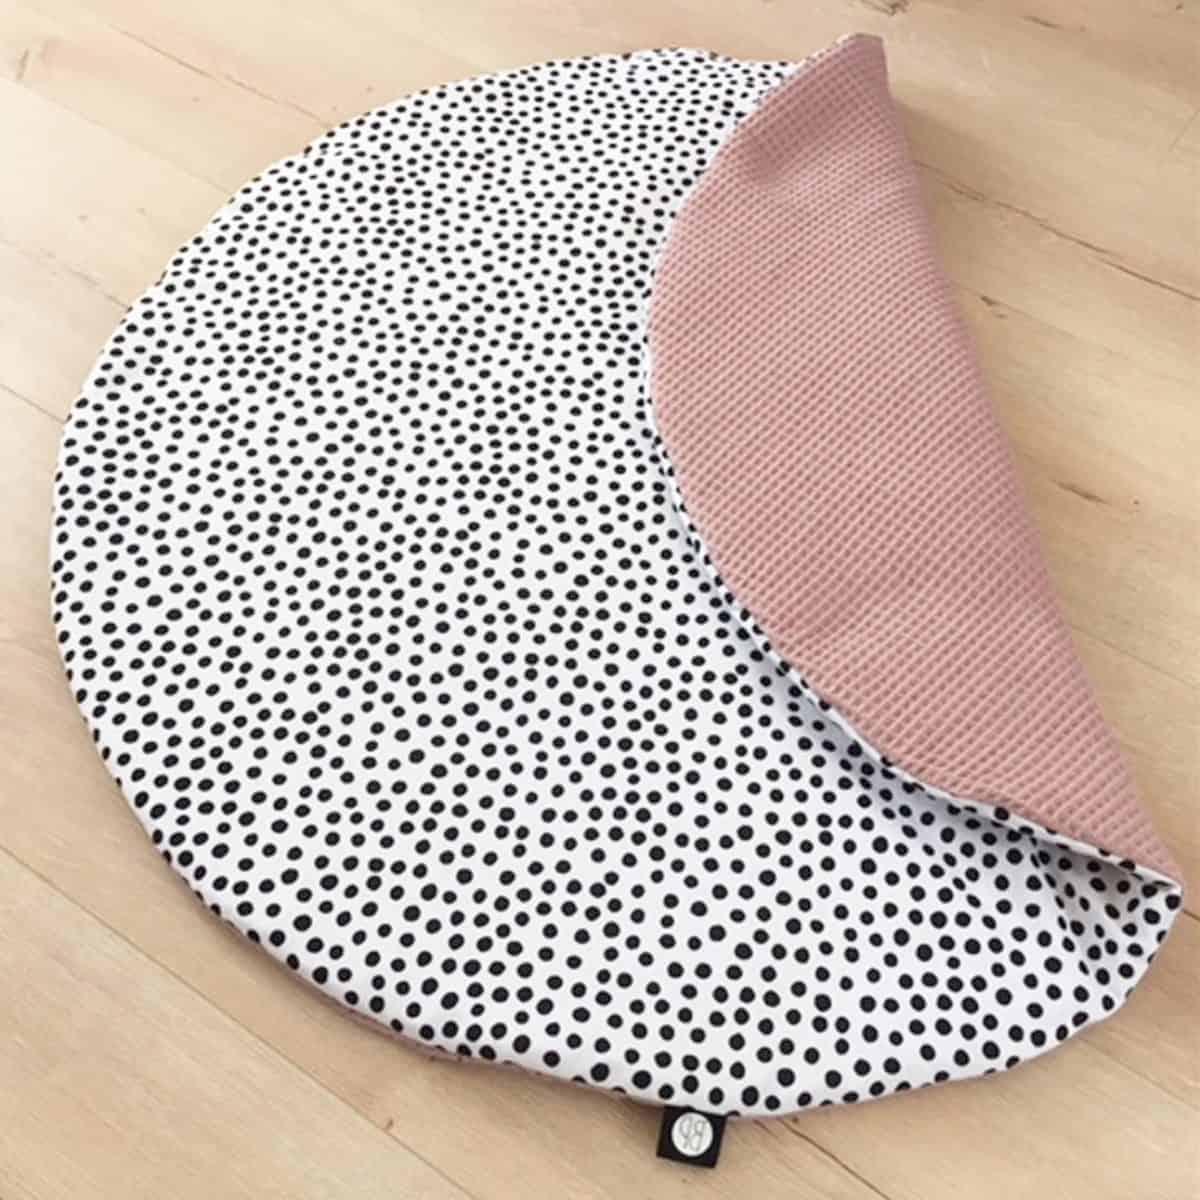 rond boxkleed in stippen print met roze wafelstof